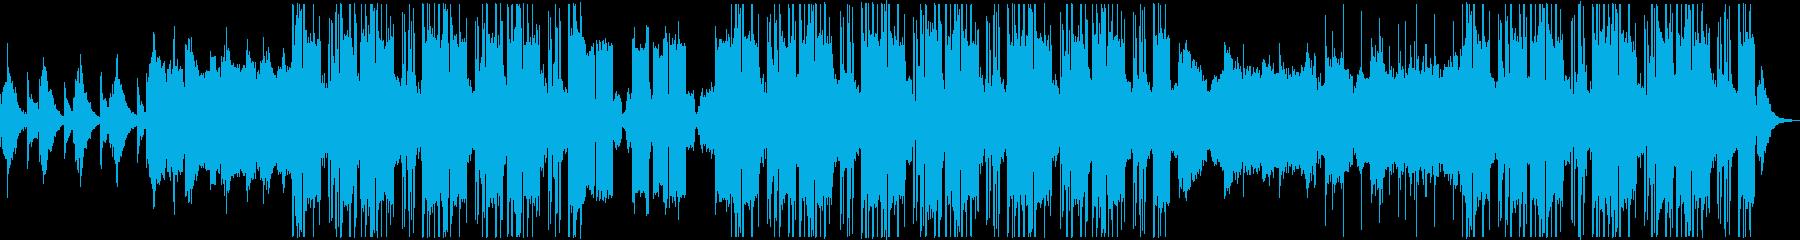 幻想的 ギター トラップソウルの再生済みの波形